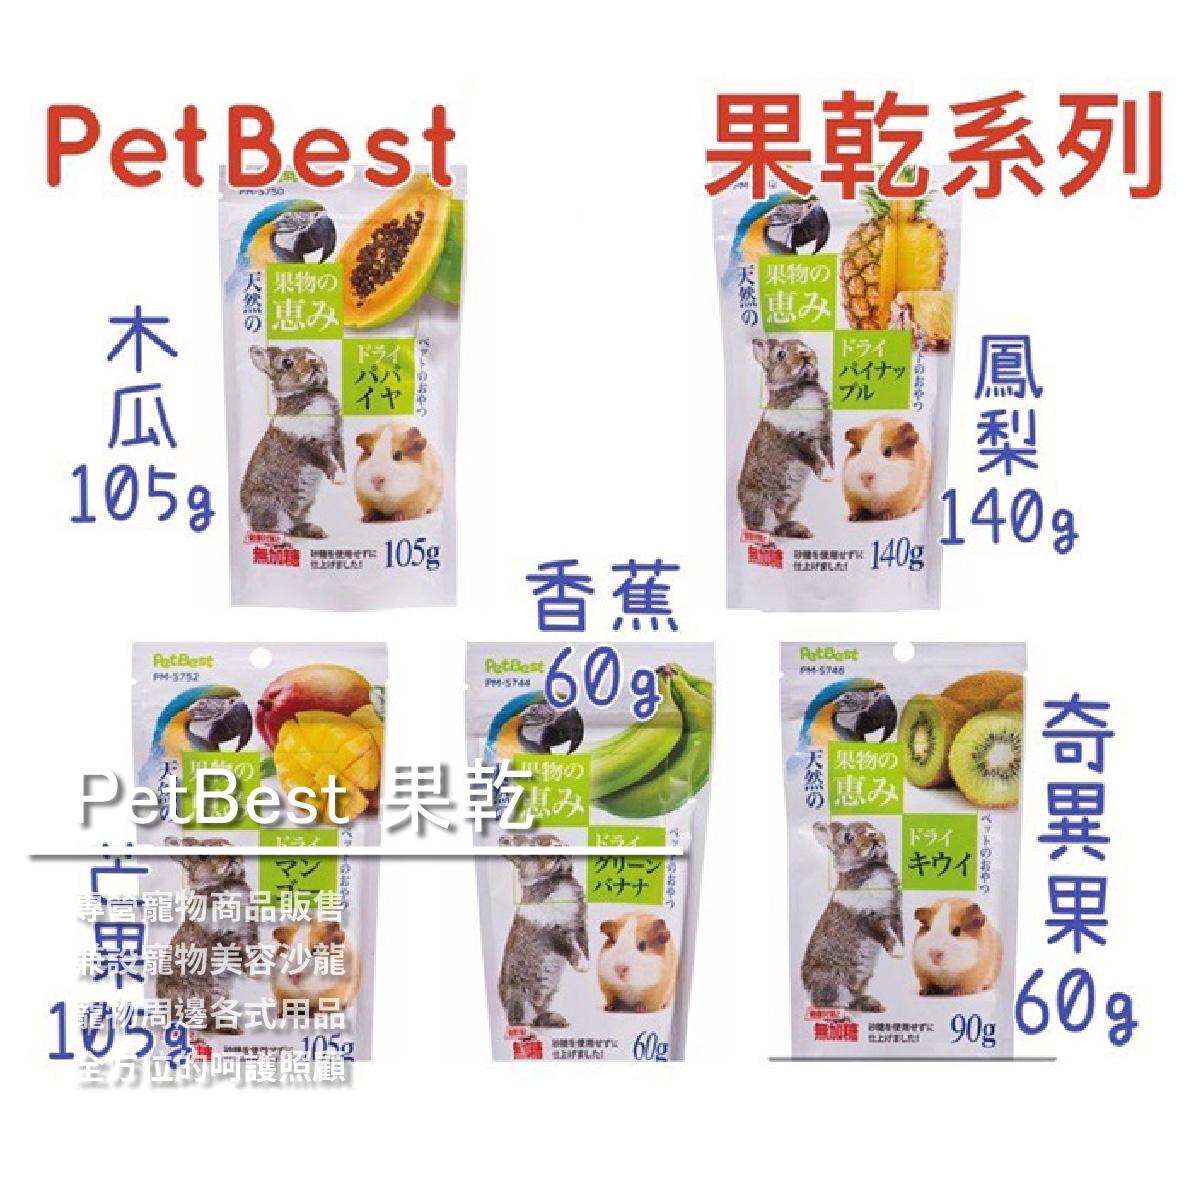 【芽比寵物 芽比生活百貨】PetBest 果乾系列/包